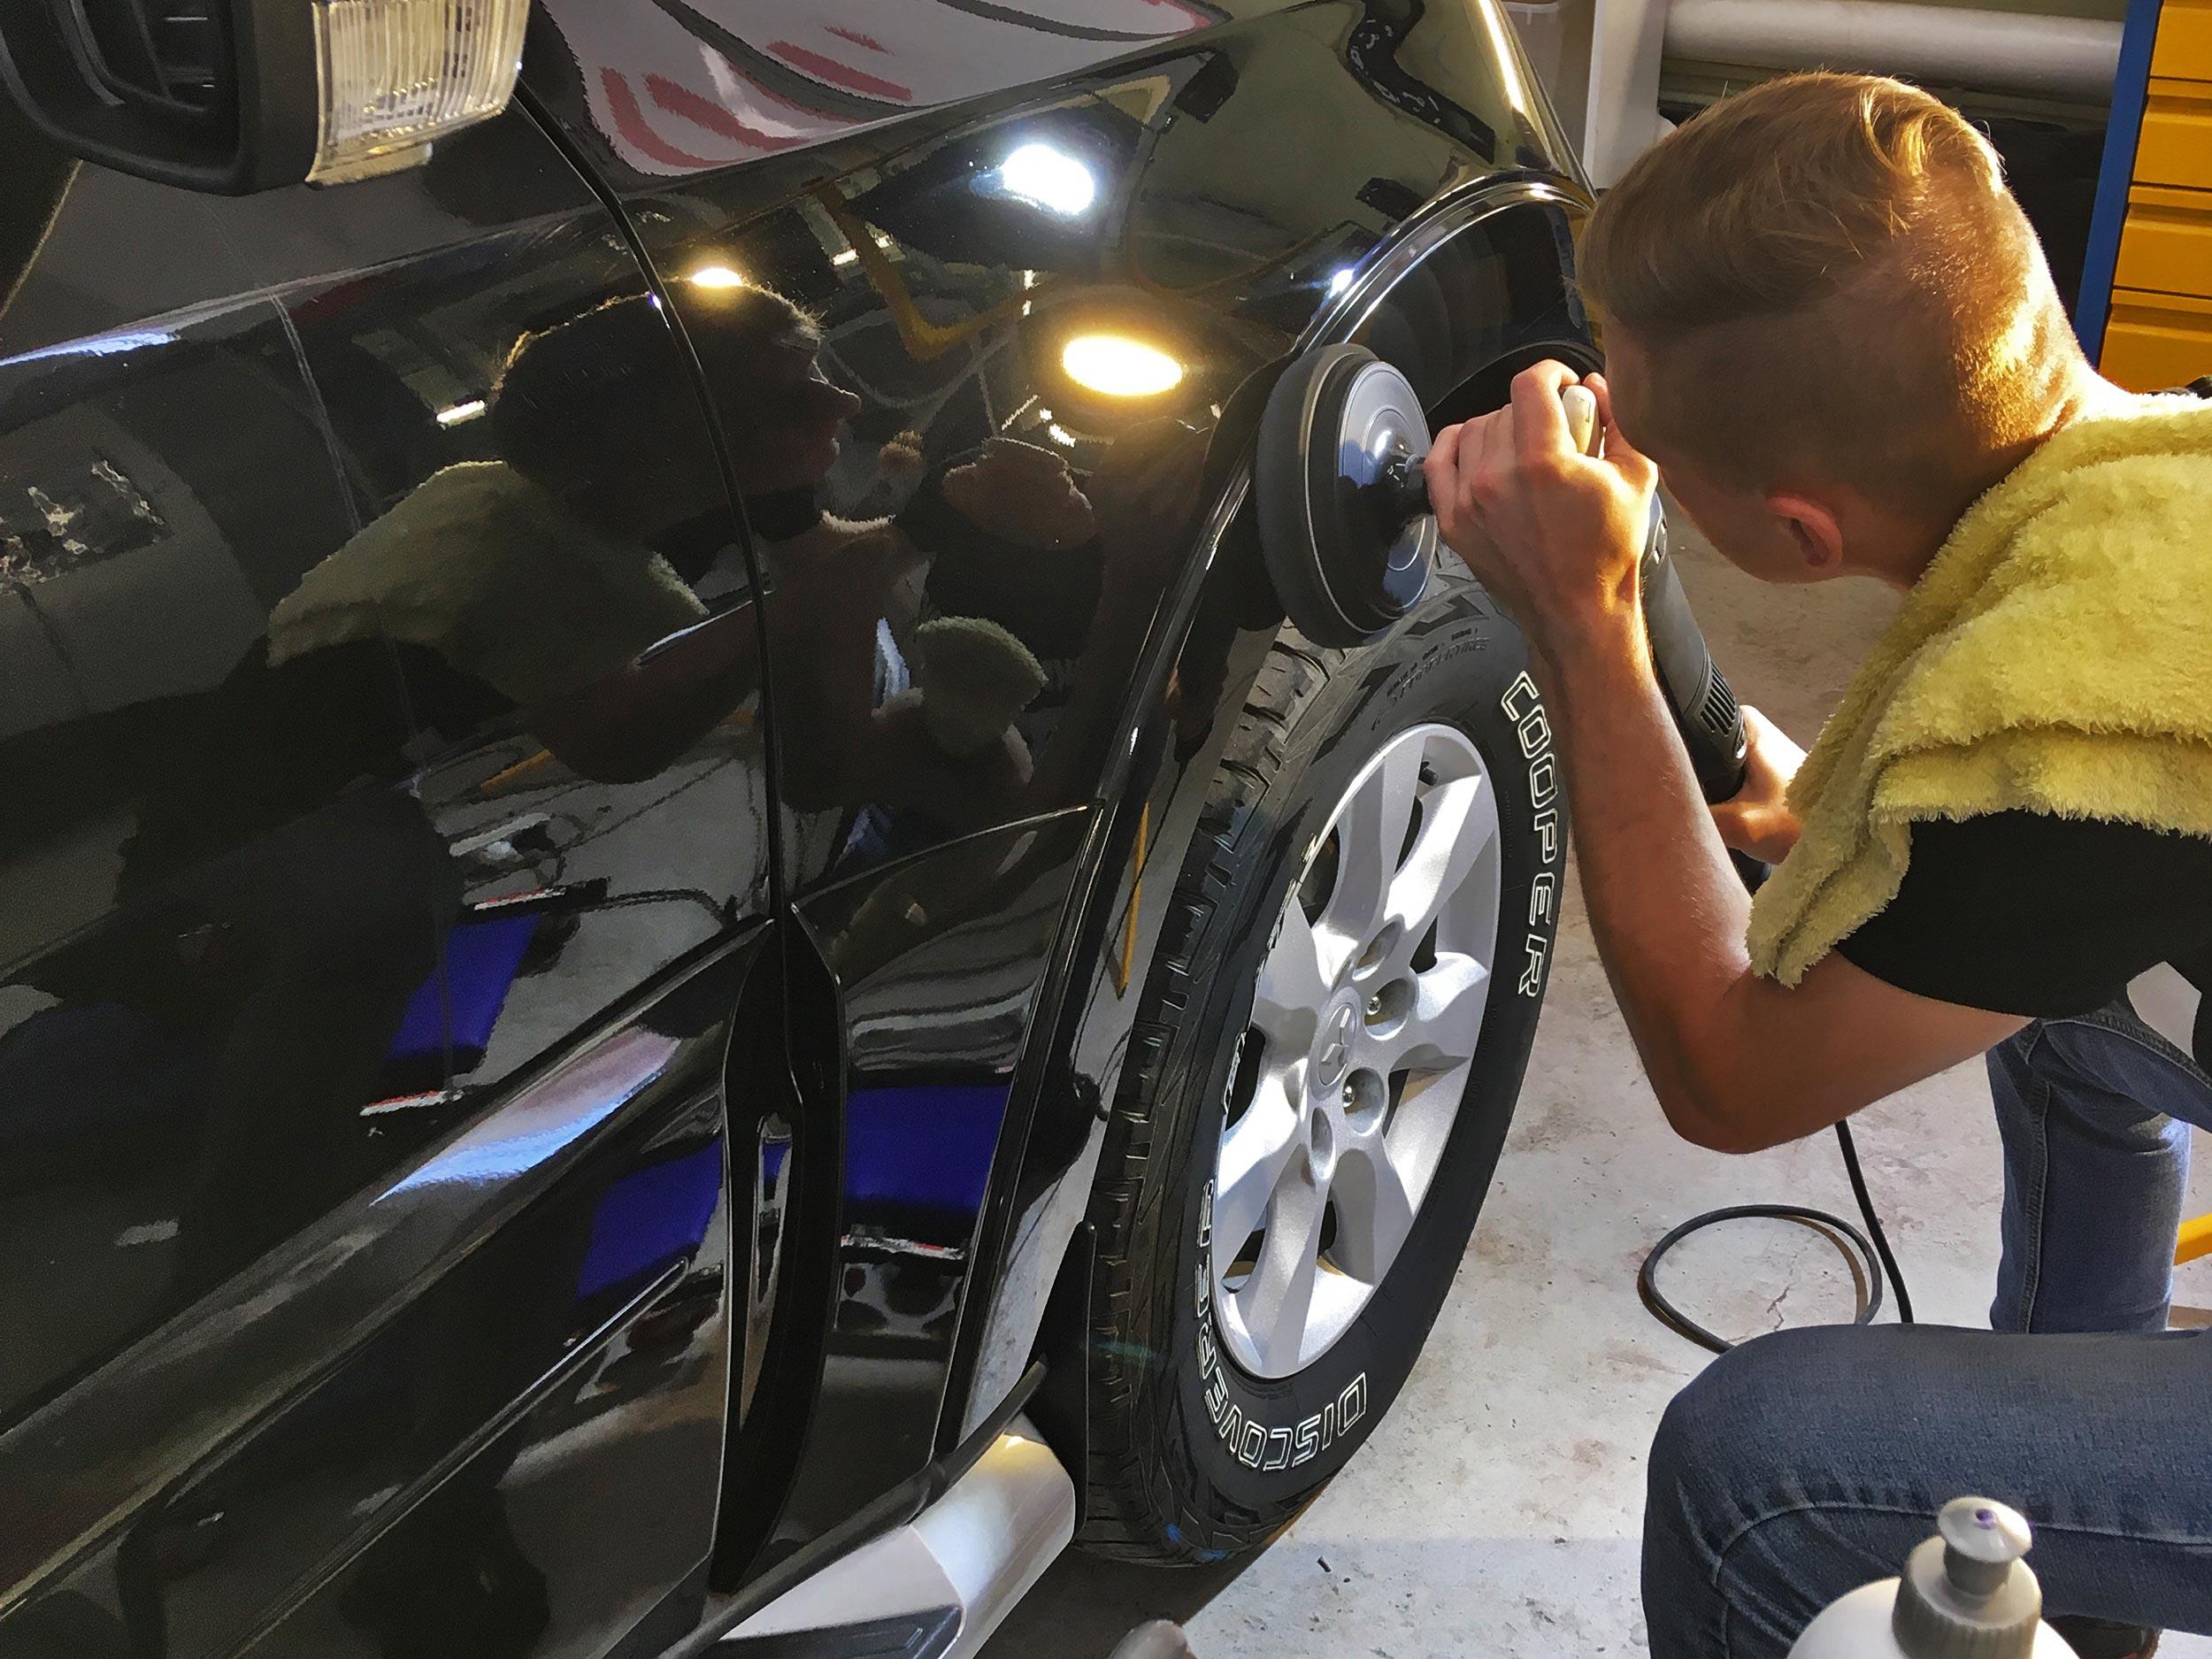 На фото процессе полировки. Мастер полирует автомобиль с использованием профессиональной полировальной машины